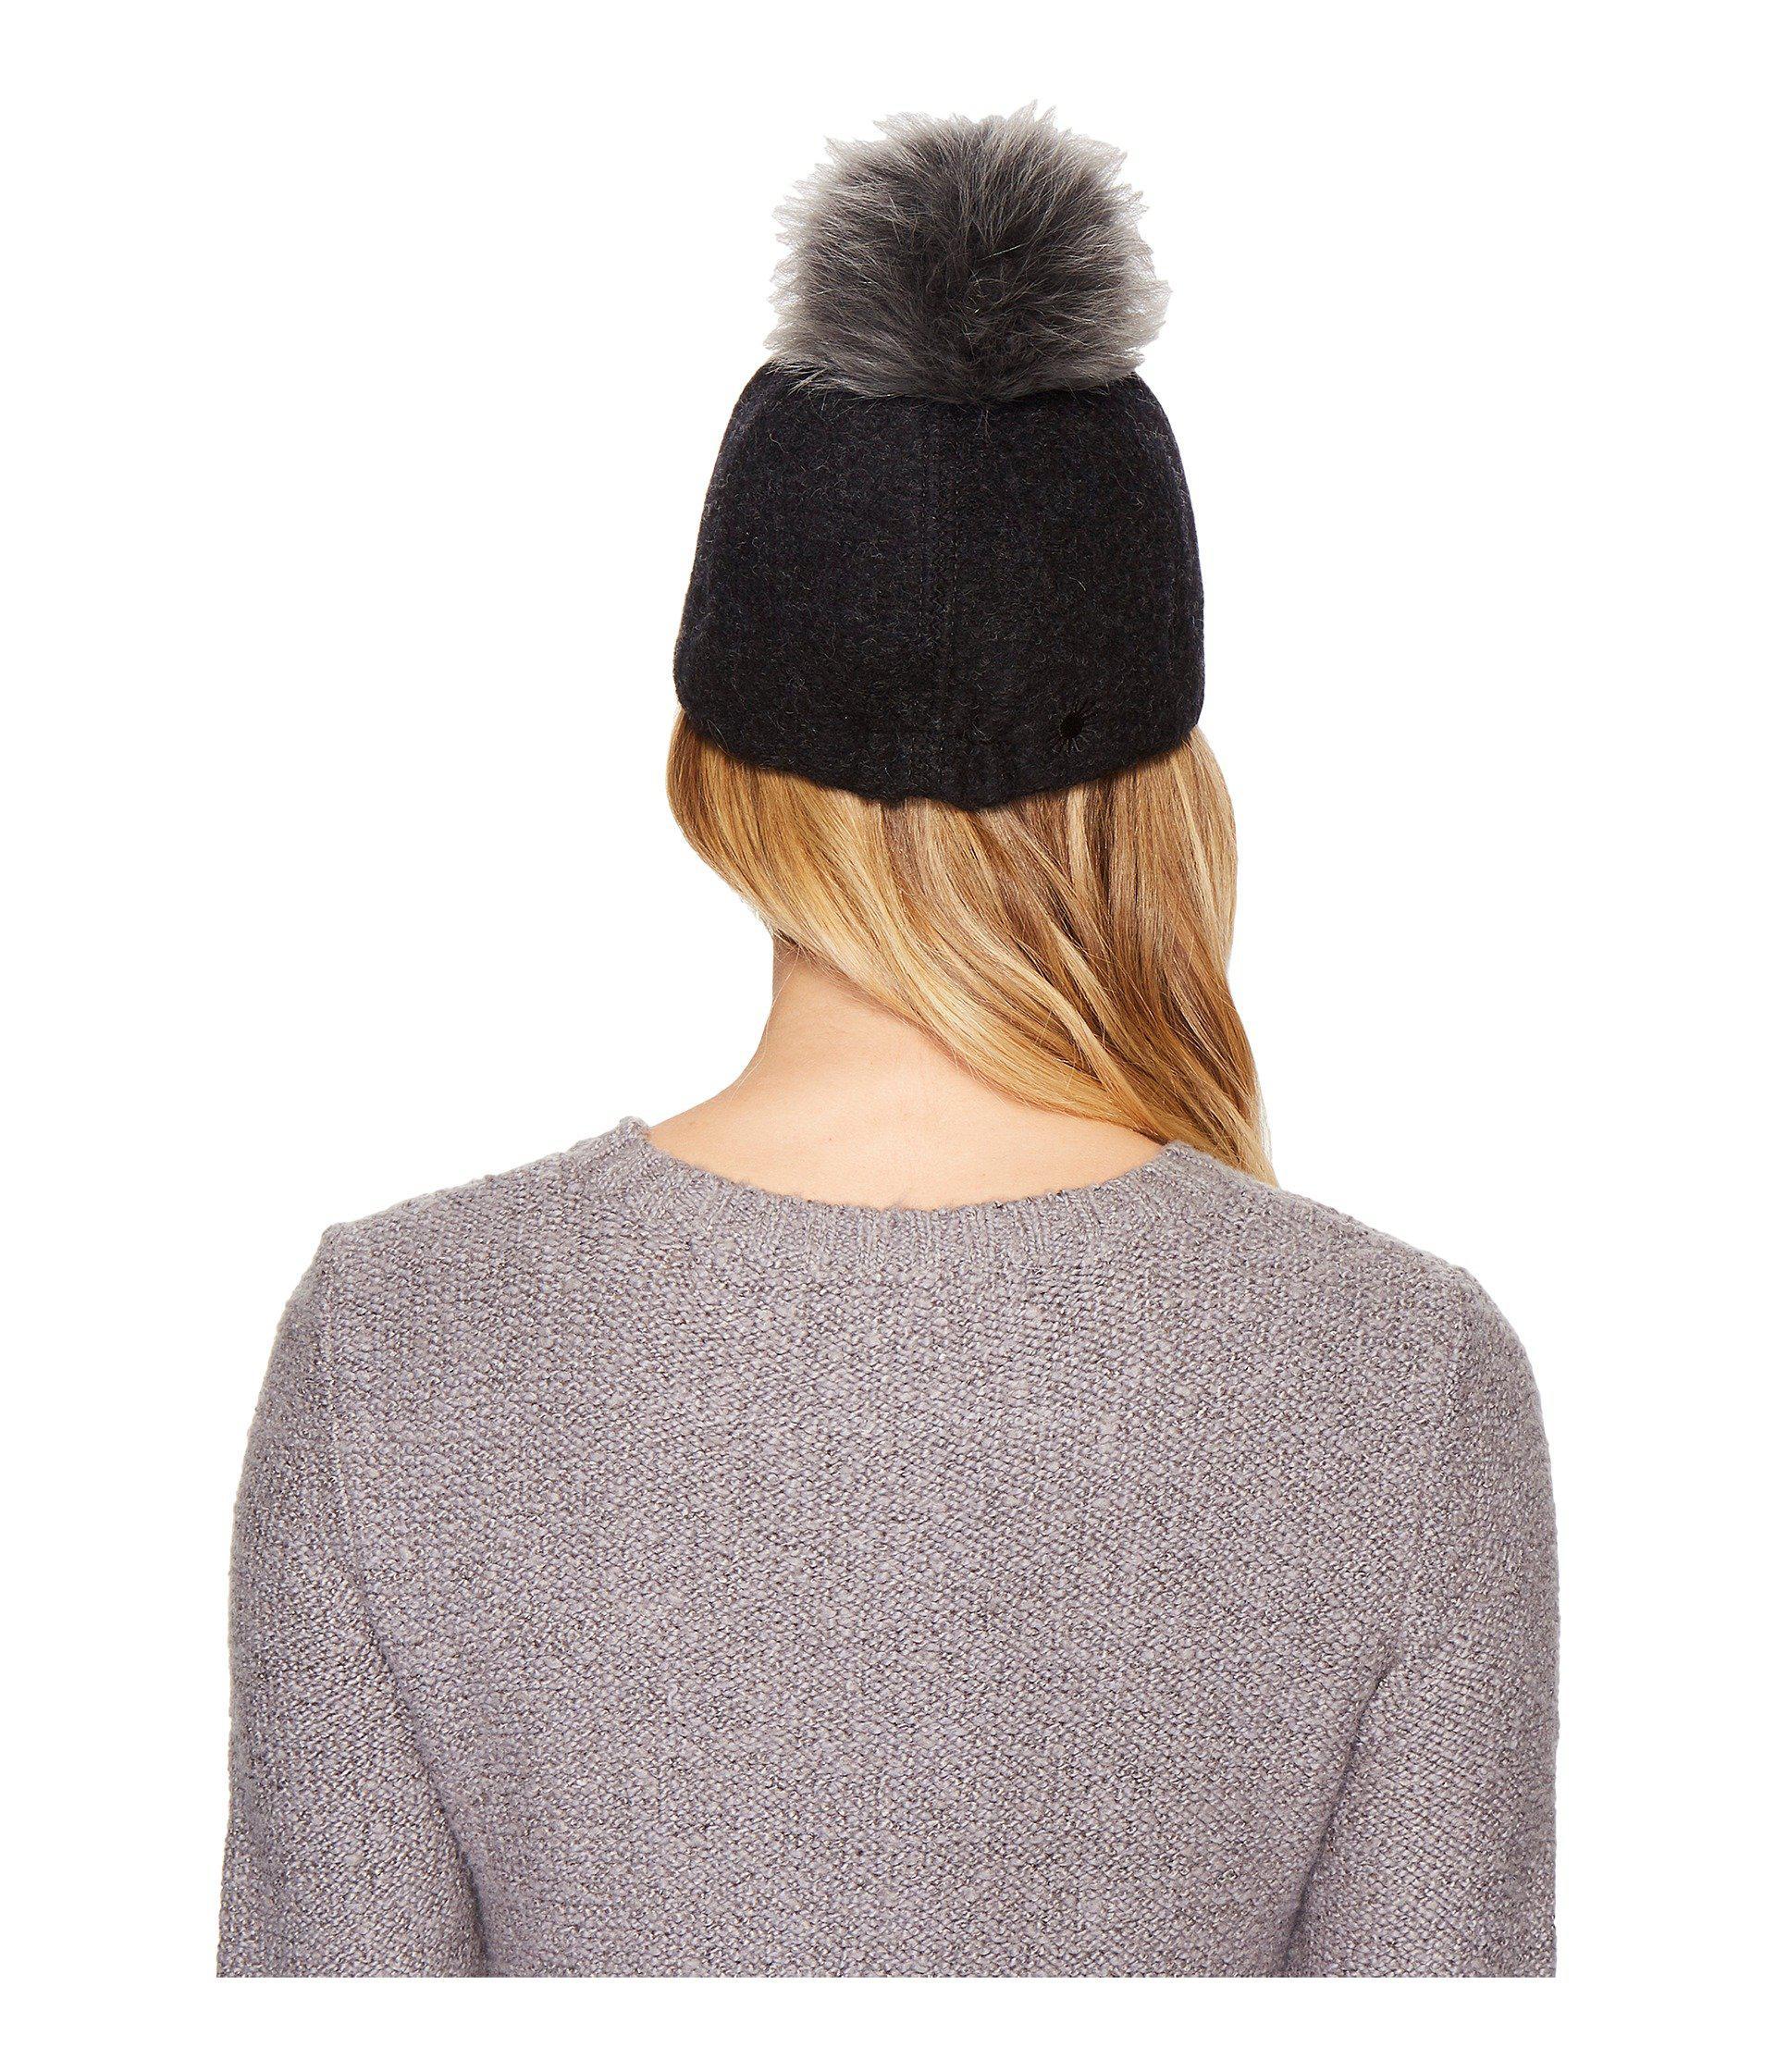 a8f8fcb3c1fc8 Lyst - UGG Fabric Baseball Hat With Fur Pom